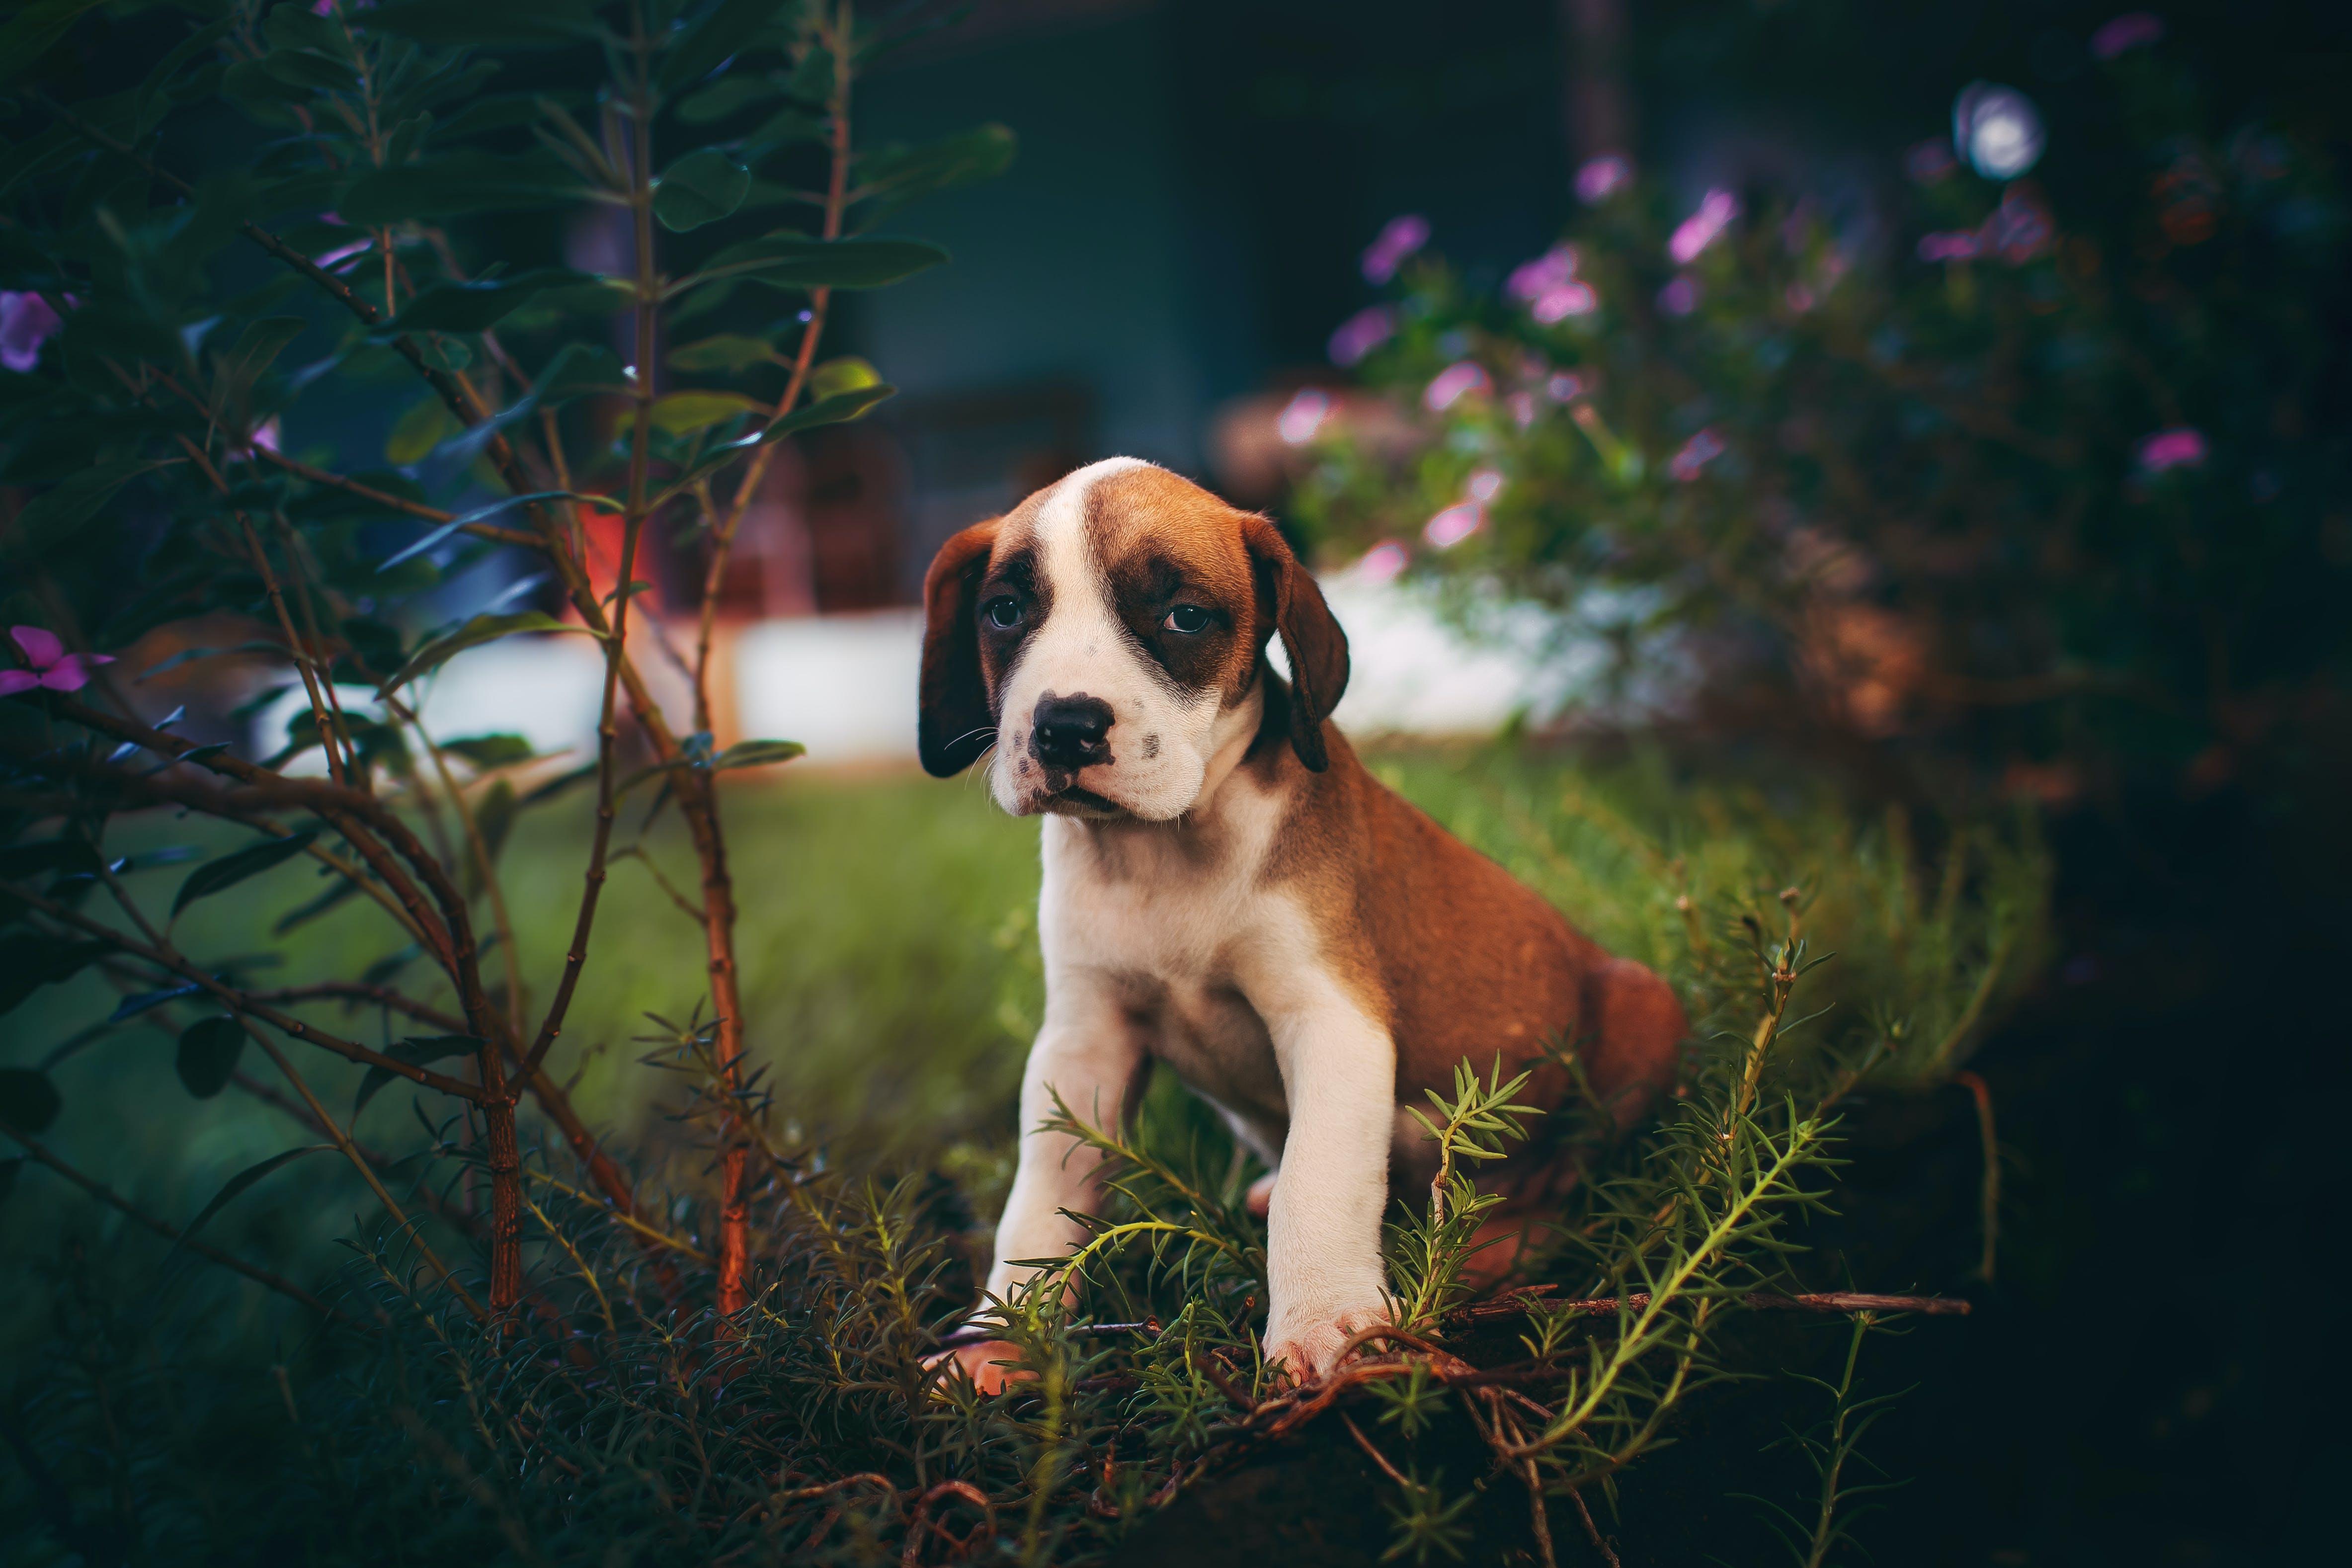 Fotos de stock gratuitas de animal, animal domestico, canino, césped